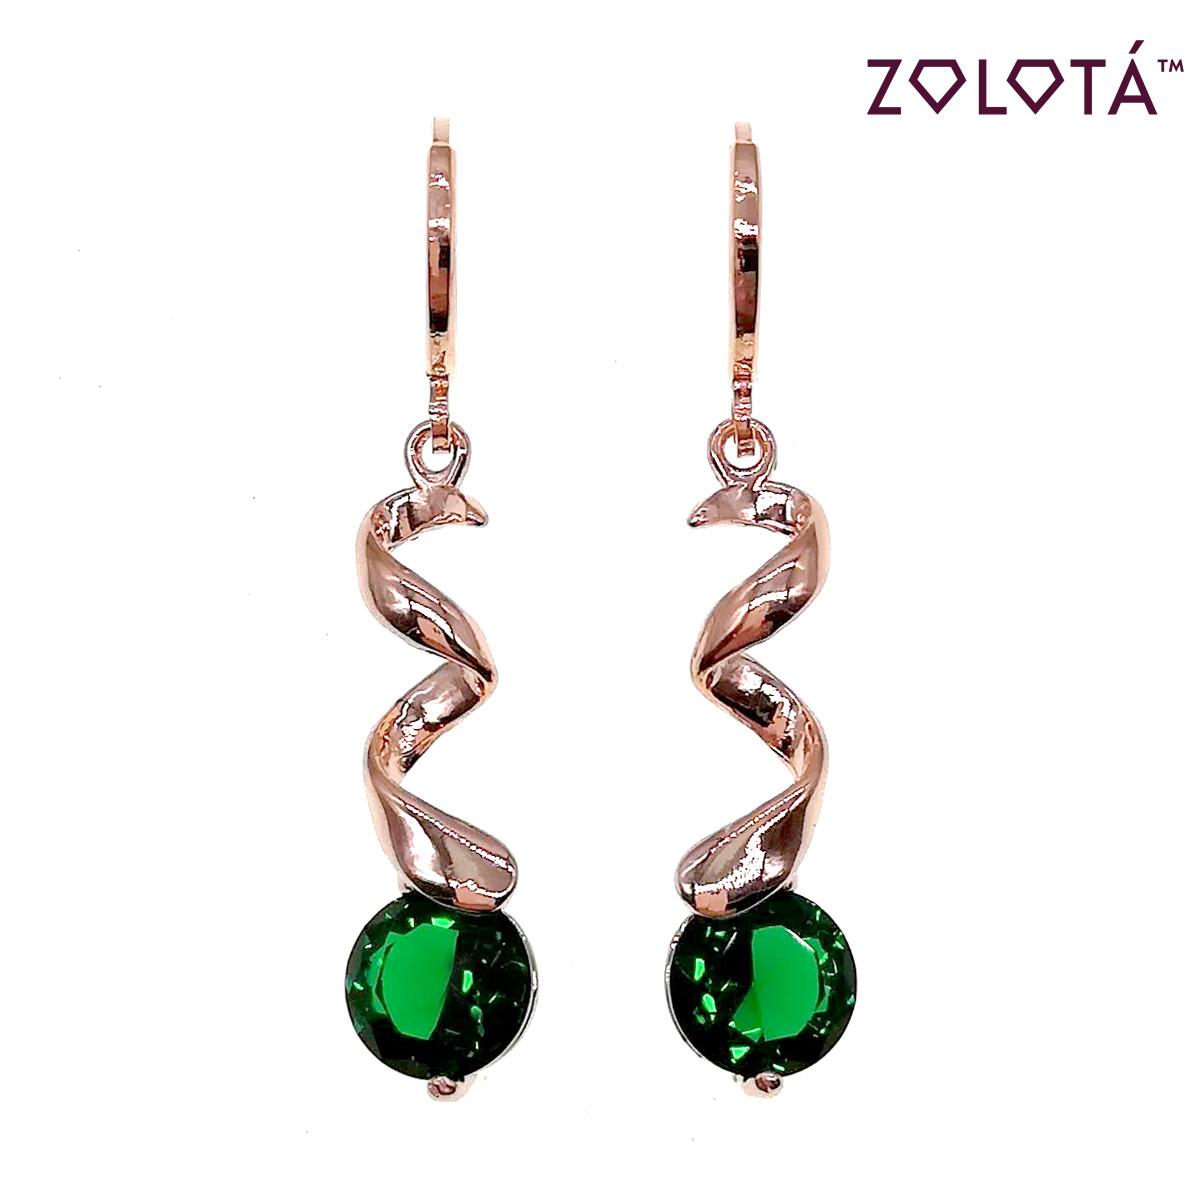 Серьги Zolota с зелеными фианитами (куб. цирконием), из медицинского золота, в позолоте, ЗЛ00647 (1)